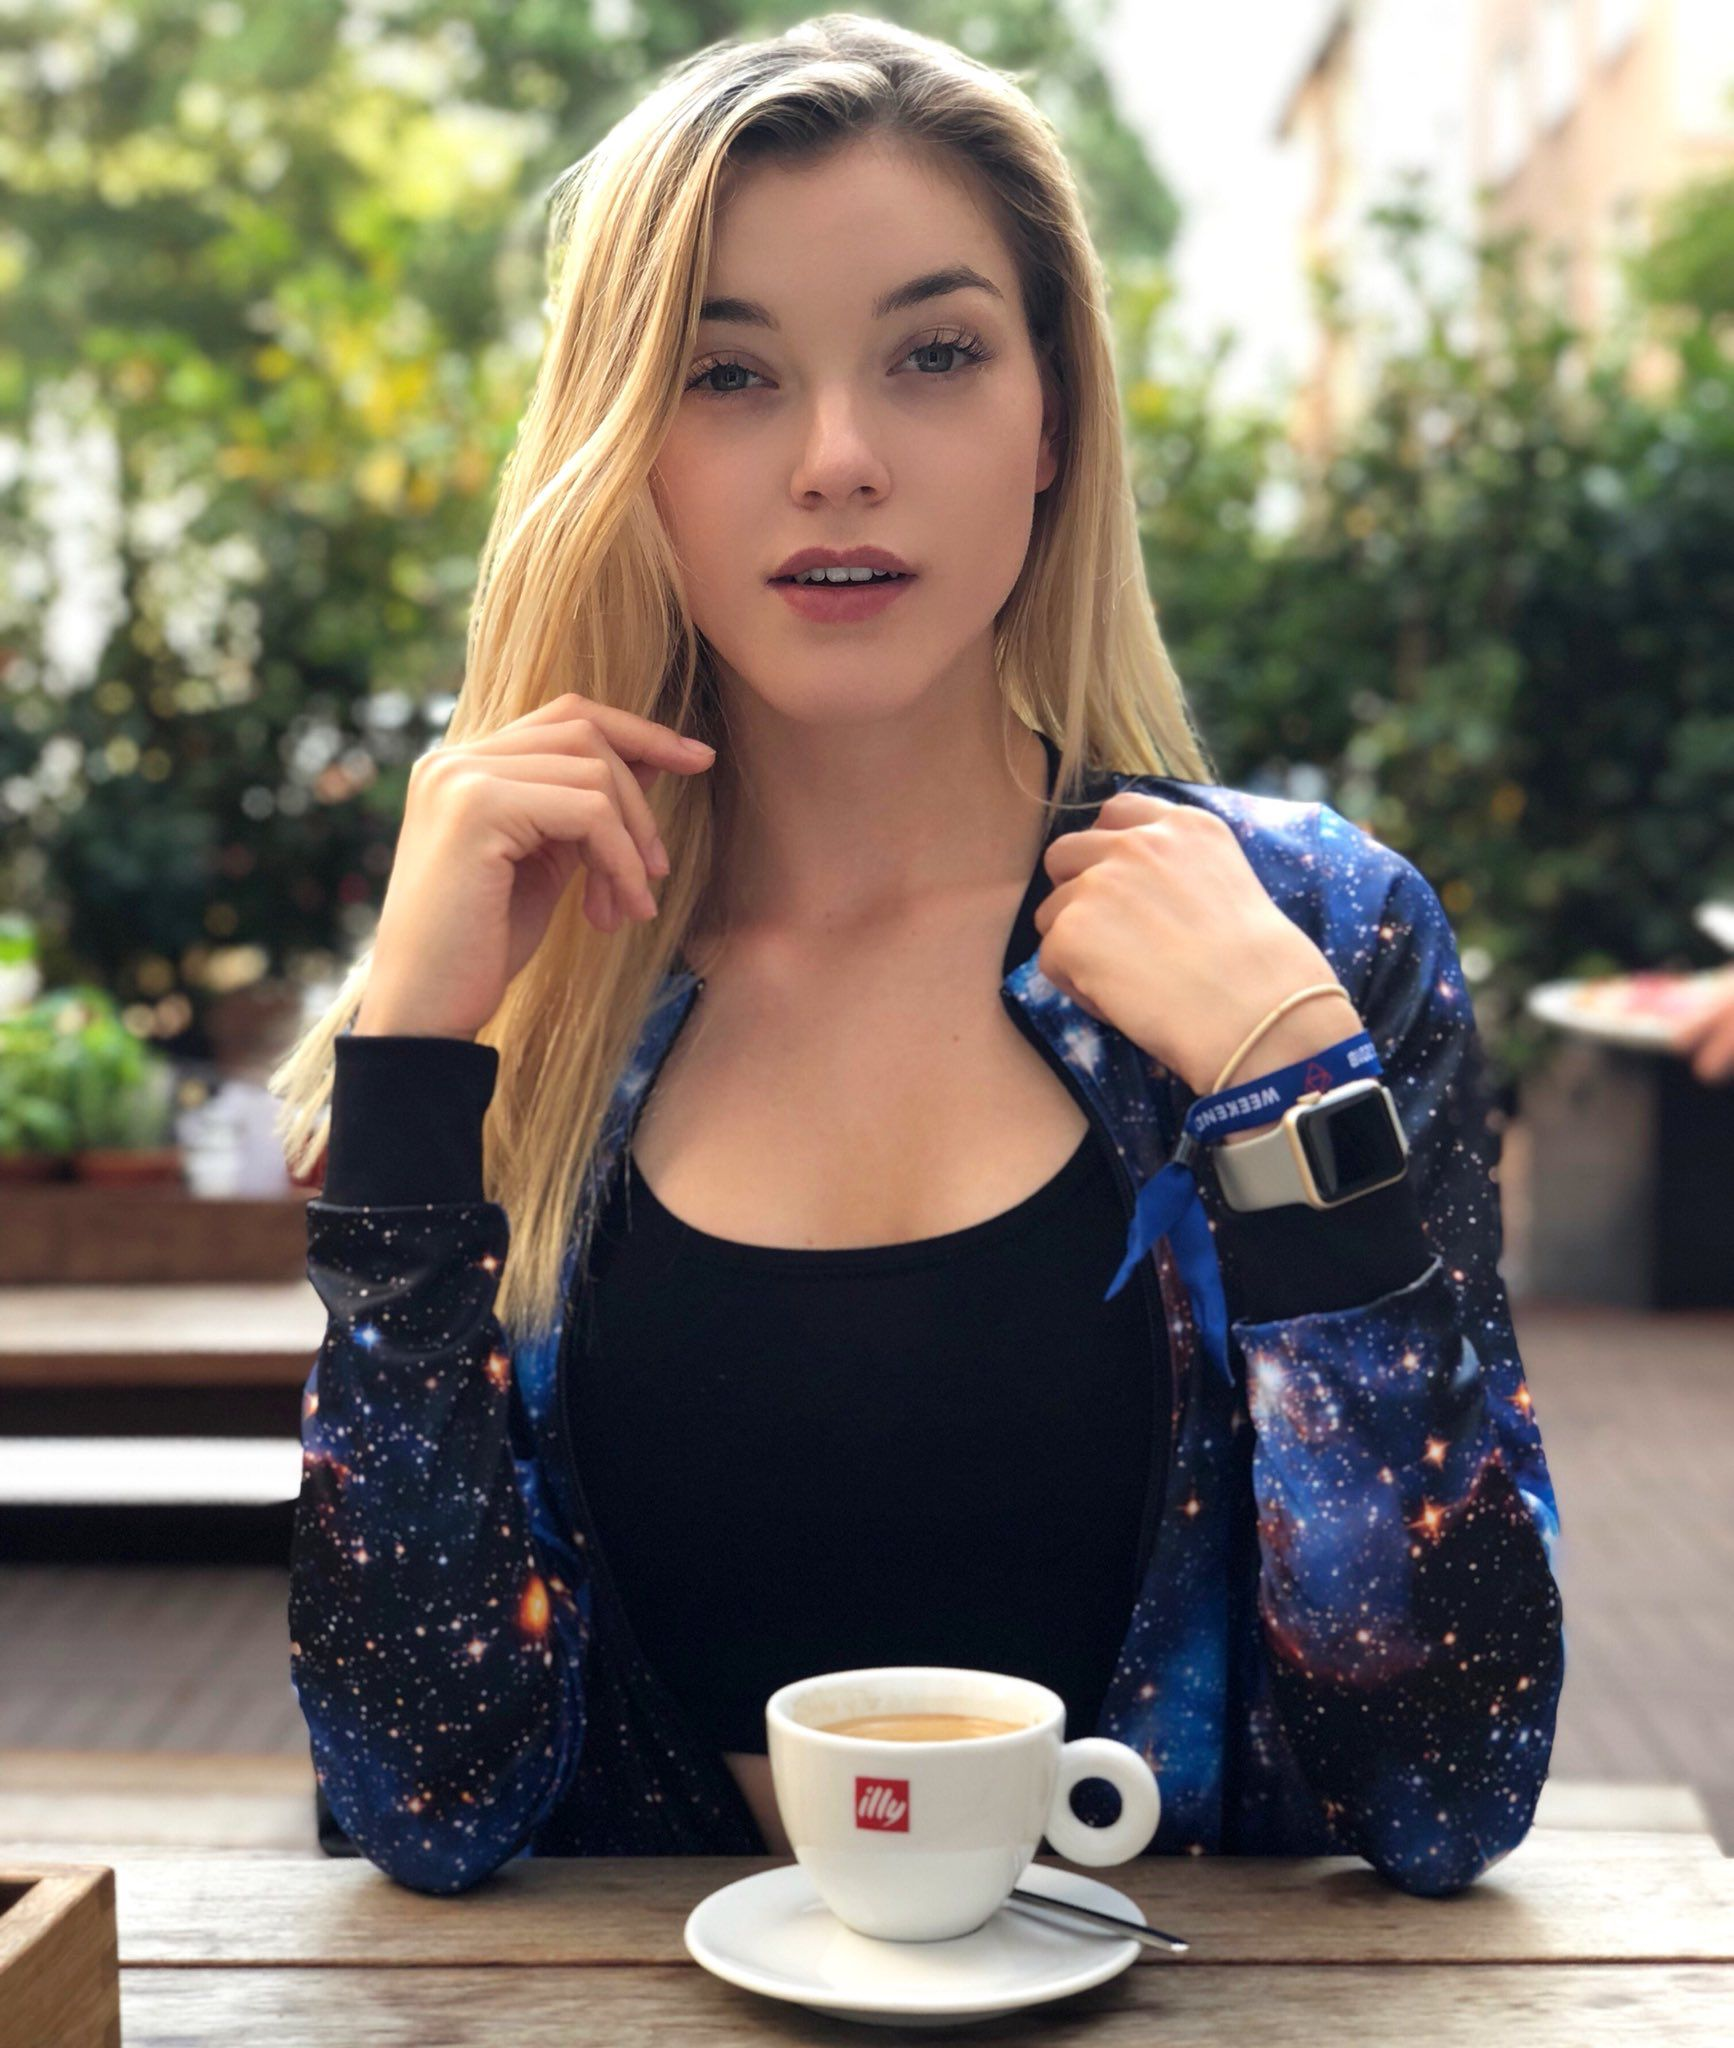 Pin von Winni04 auf Anny Aurora in 2019